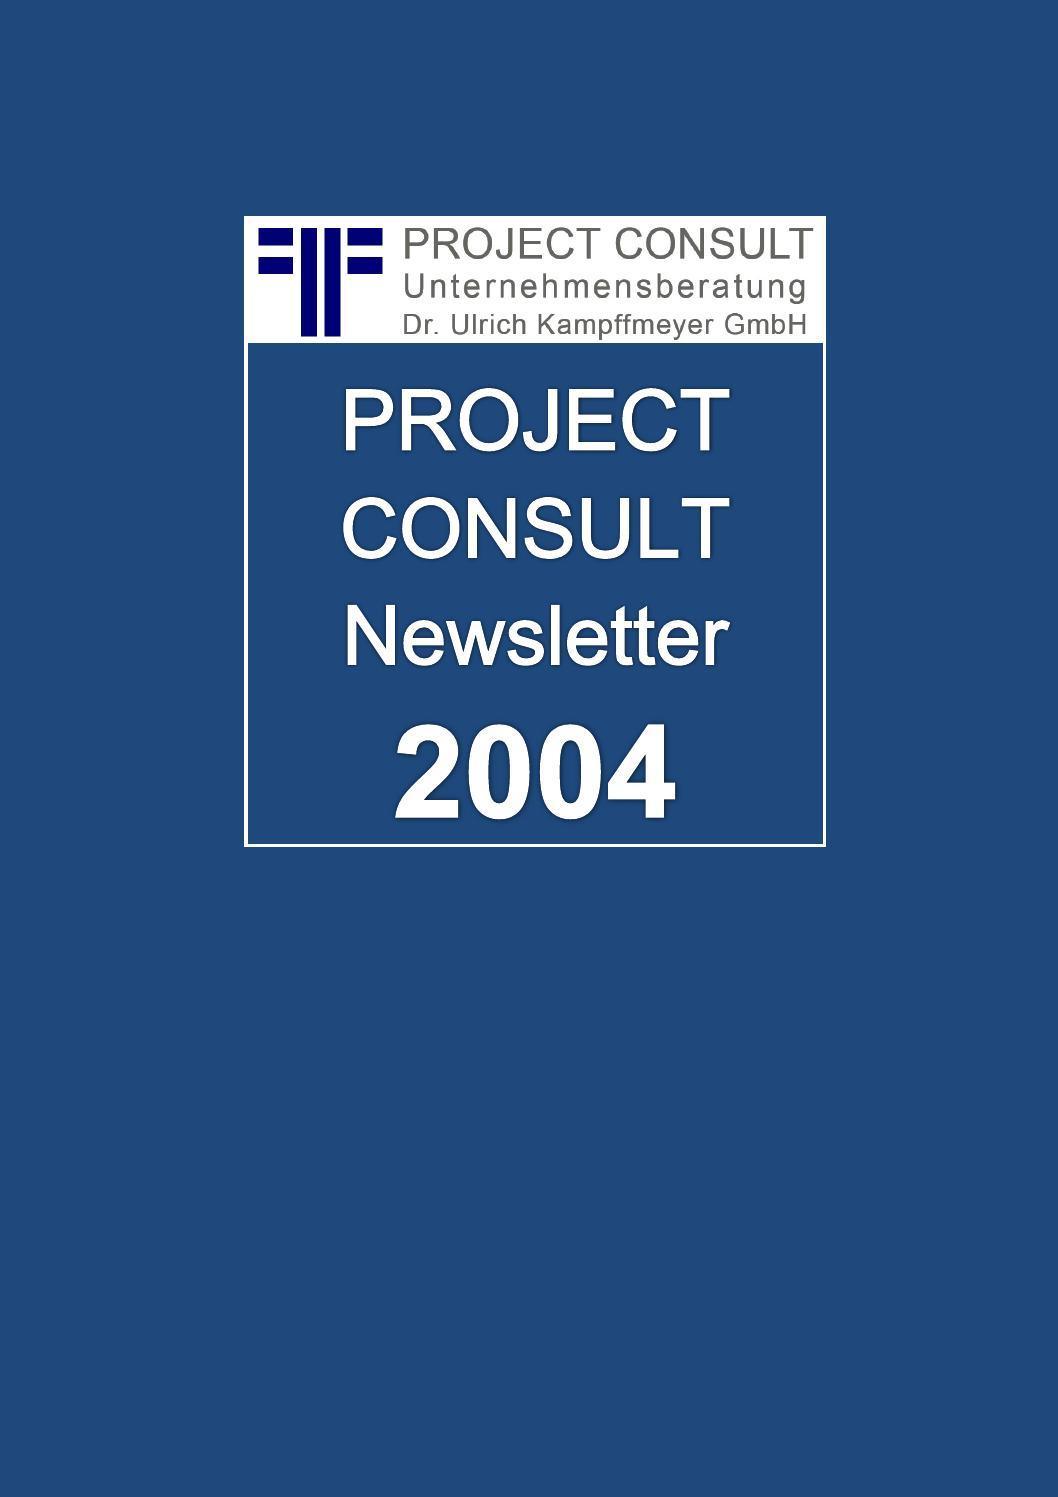 de project consult newsletter 2004 dr ulrich kampffmeyer hamburg kompletter jahrgang. Black Bedroom Furniture Sets. Home Design Ideas